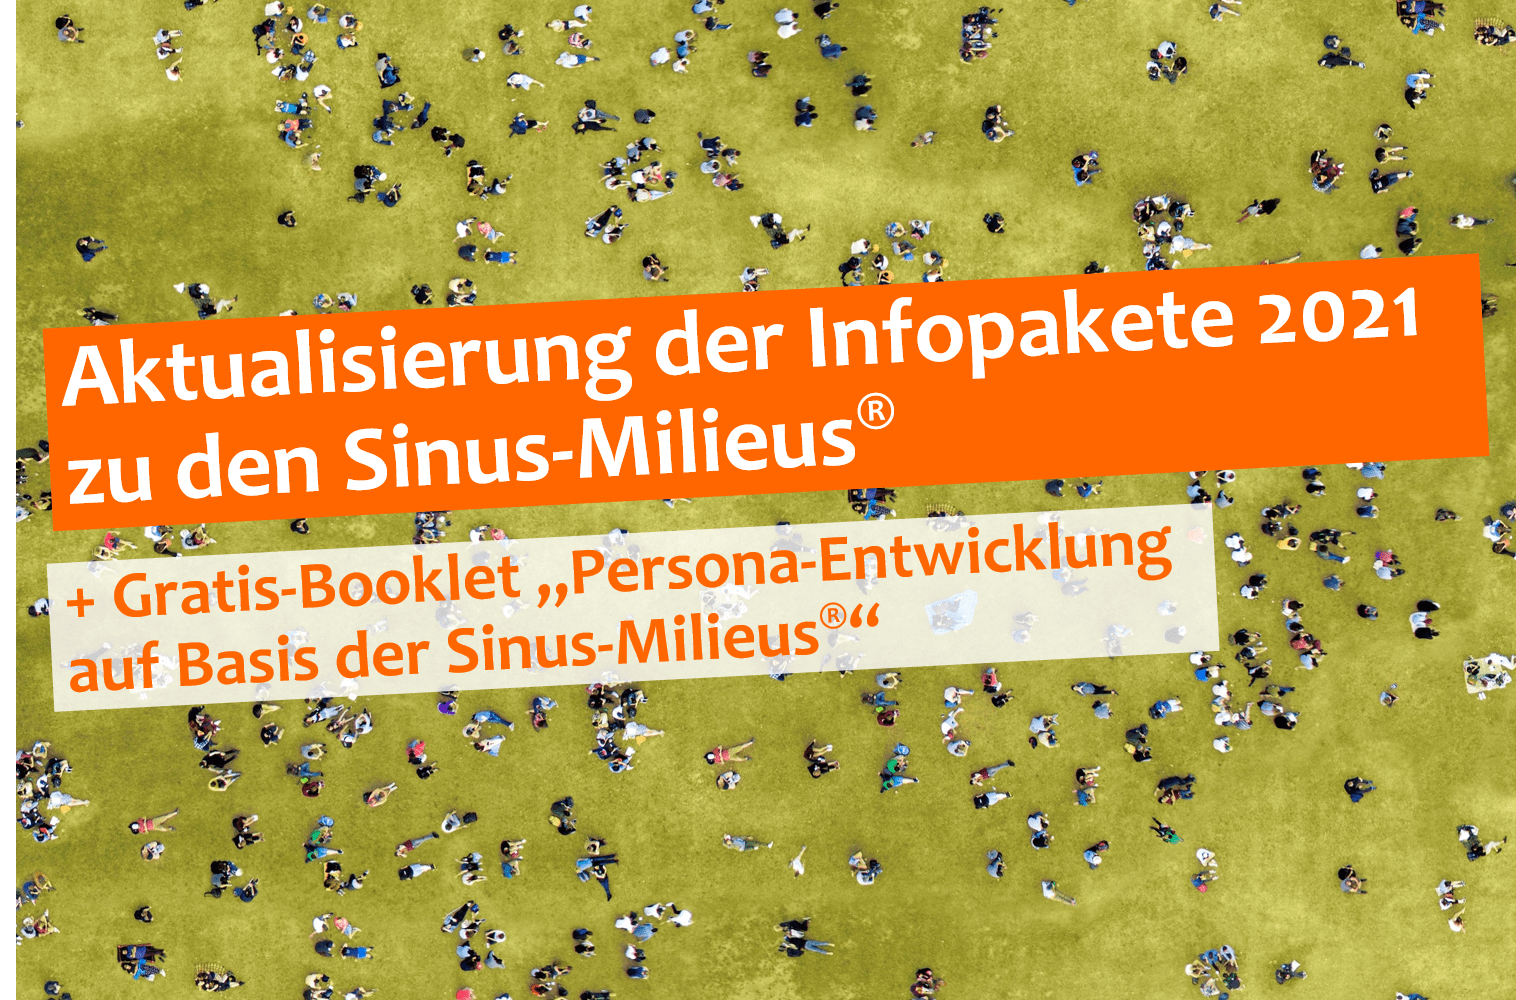 Aktualisierung der Infopakete 2021 zu den Sinus-Milieus & Persona-Booklet